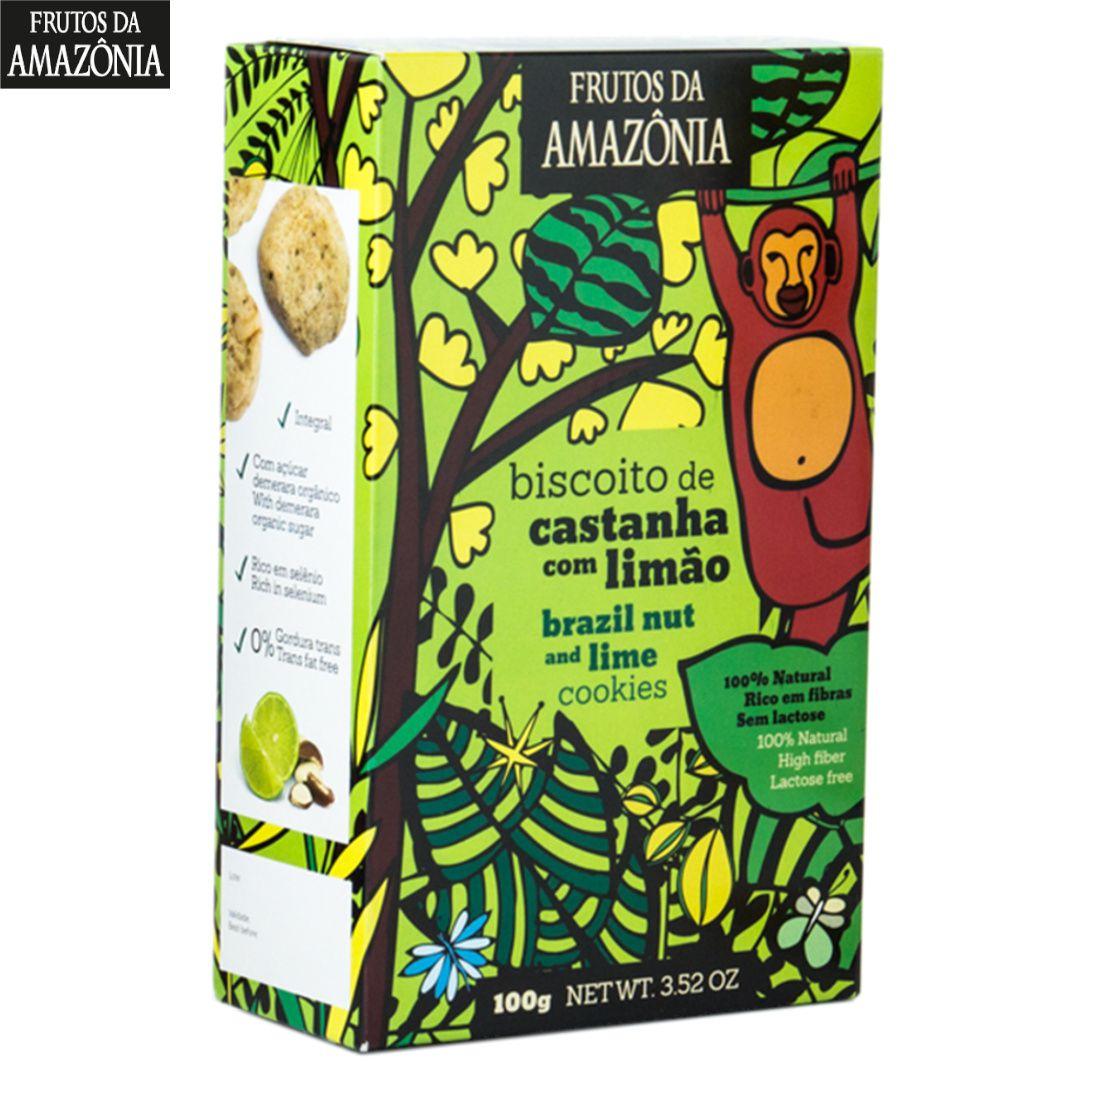 BISCOITO DE CASTANHA DO PARÁ COM LIMÃO | 100G  - Frutos da Amazônia